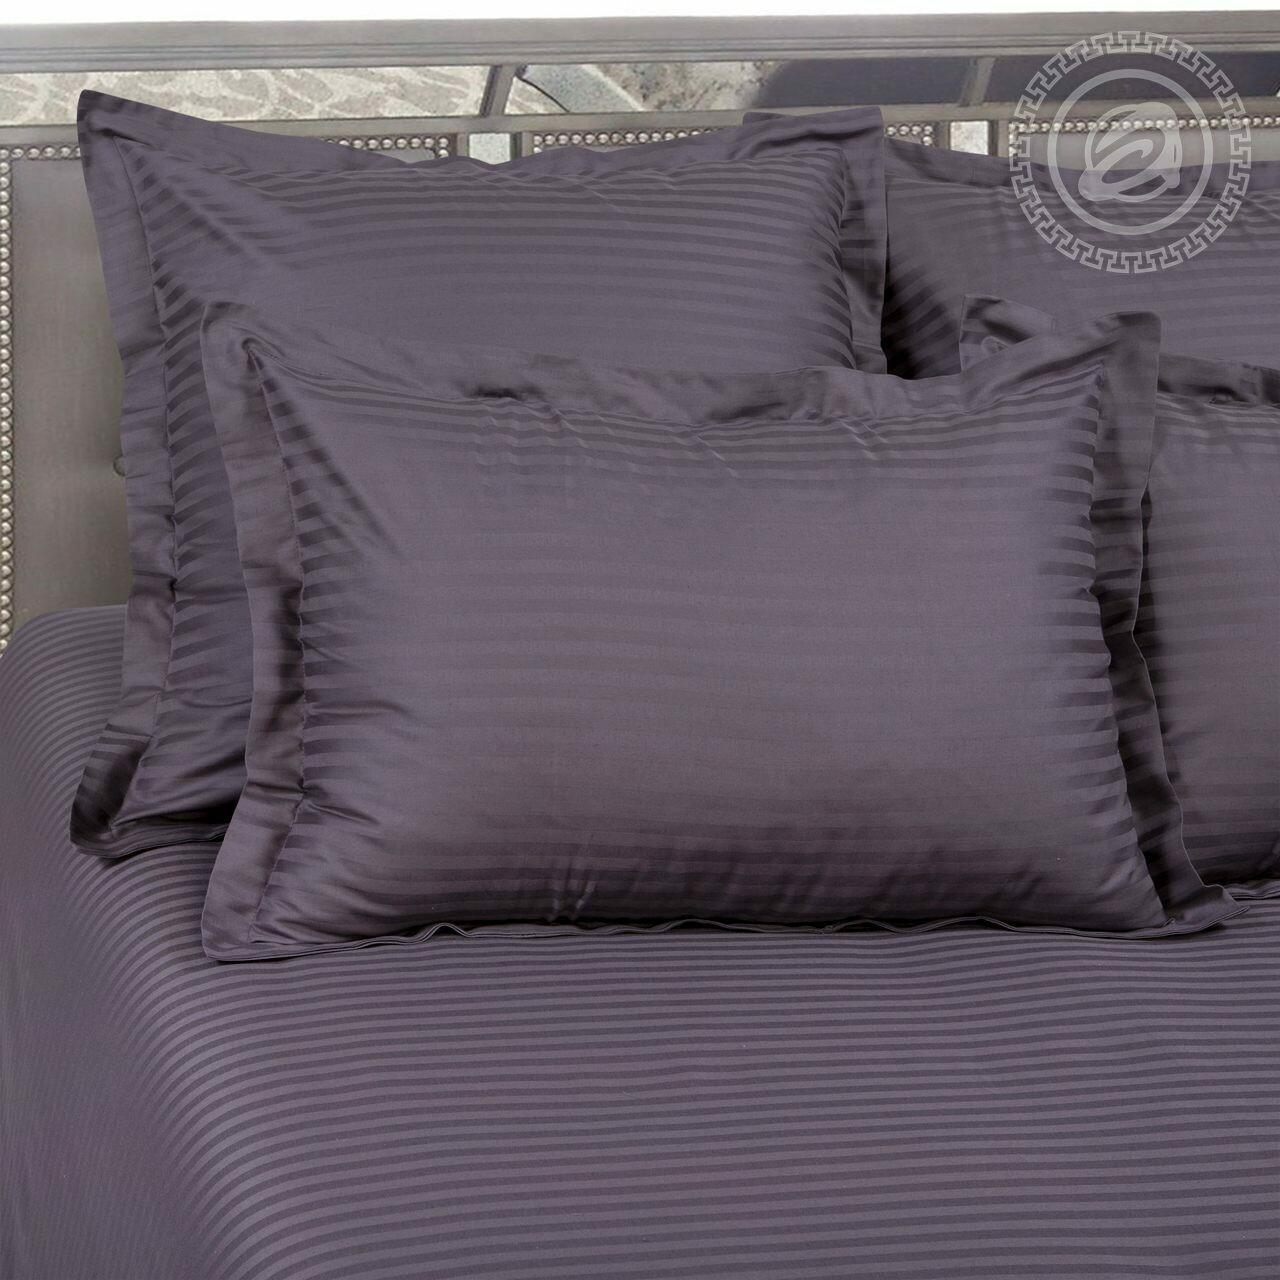 Мокрый асфальт, Страйп - сатин (Комплекты постельного белья)